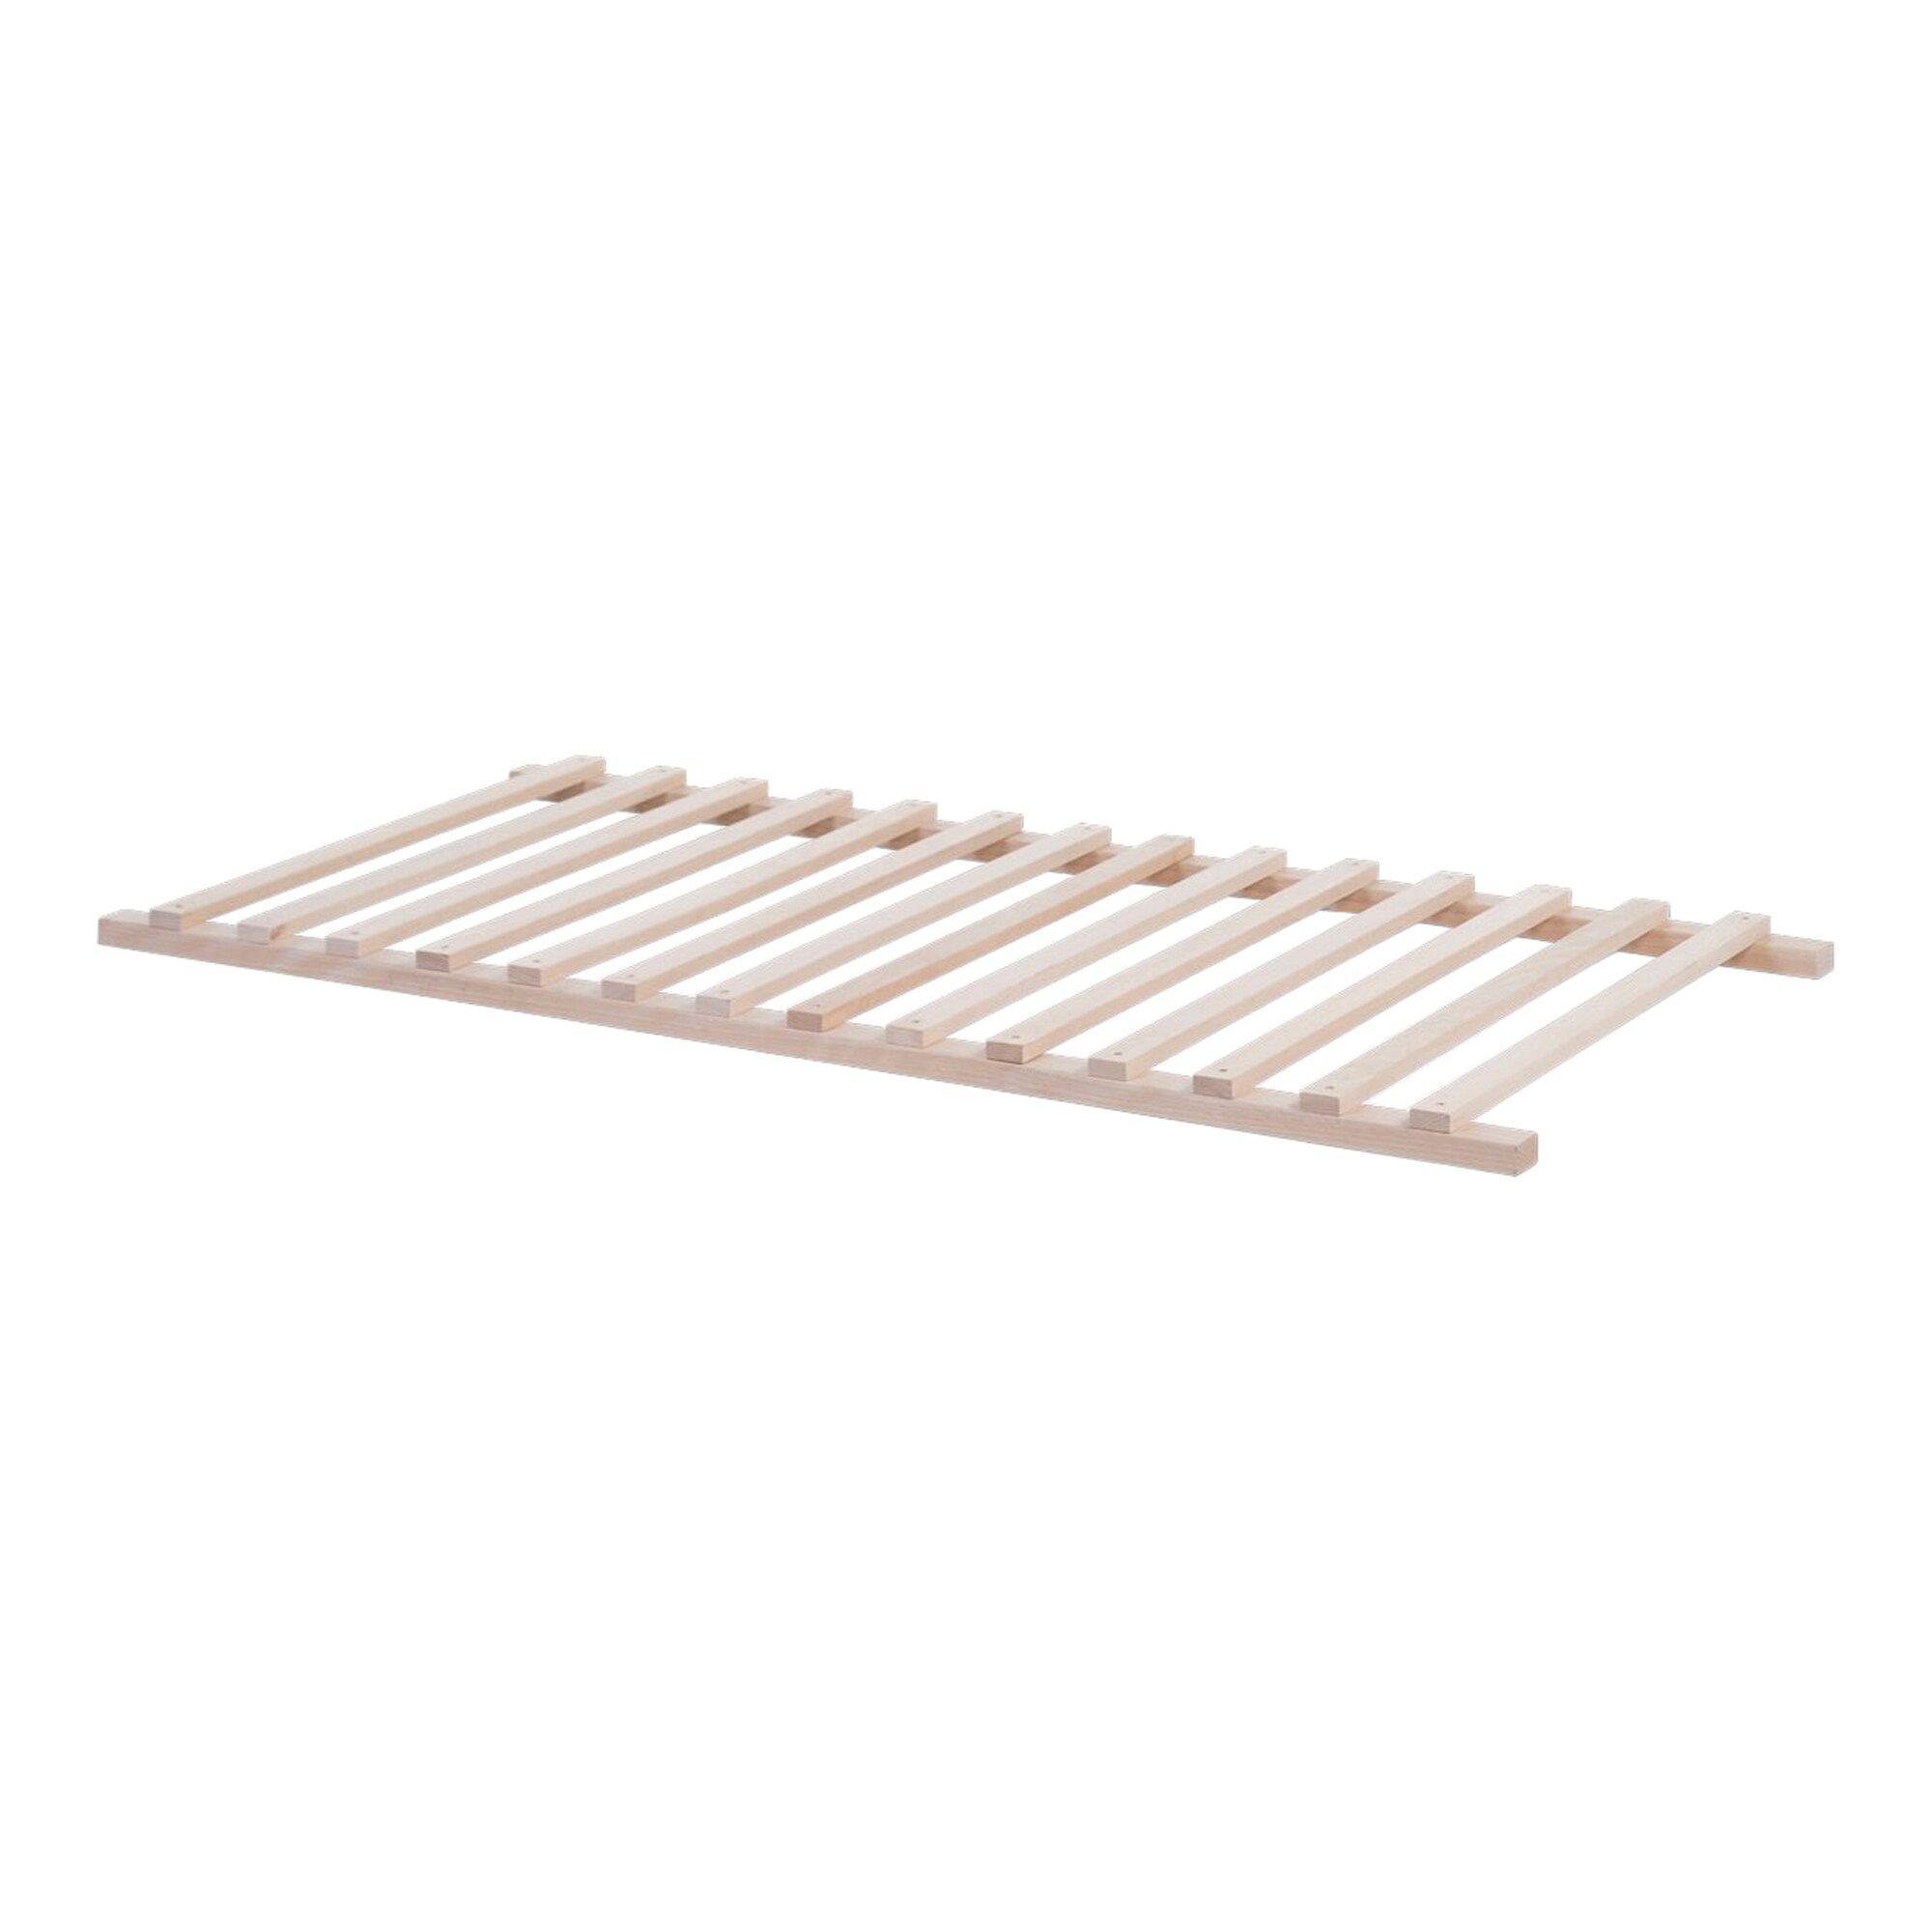 Lattenrost für Kinderbetten Tipi, Haus und Bambus